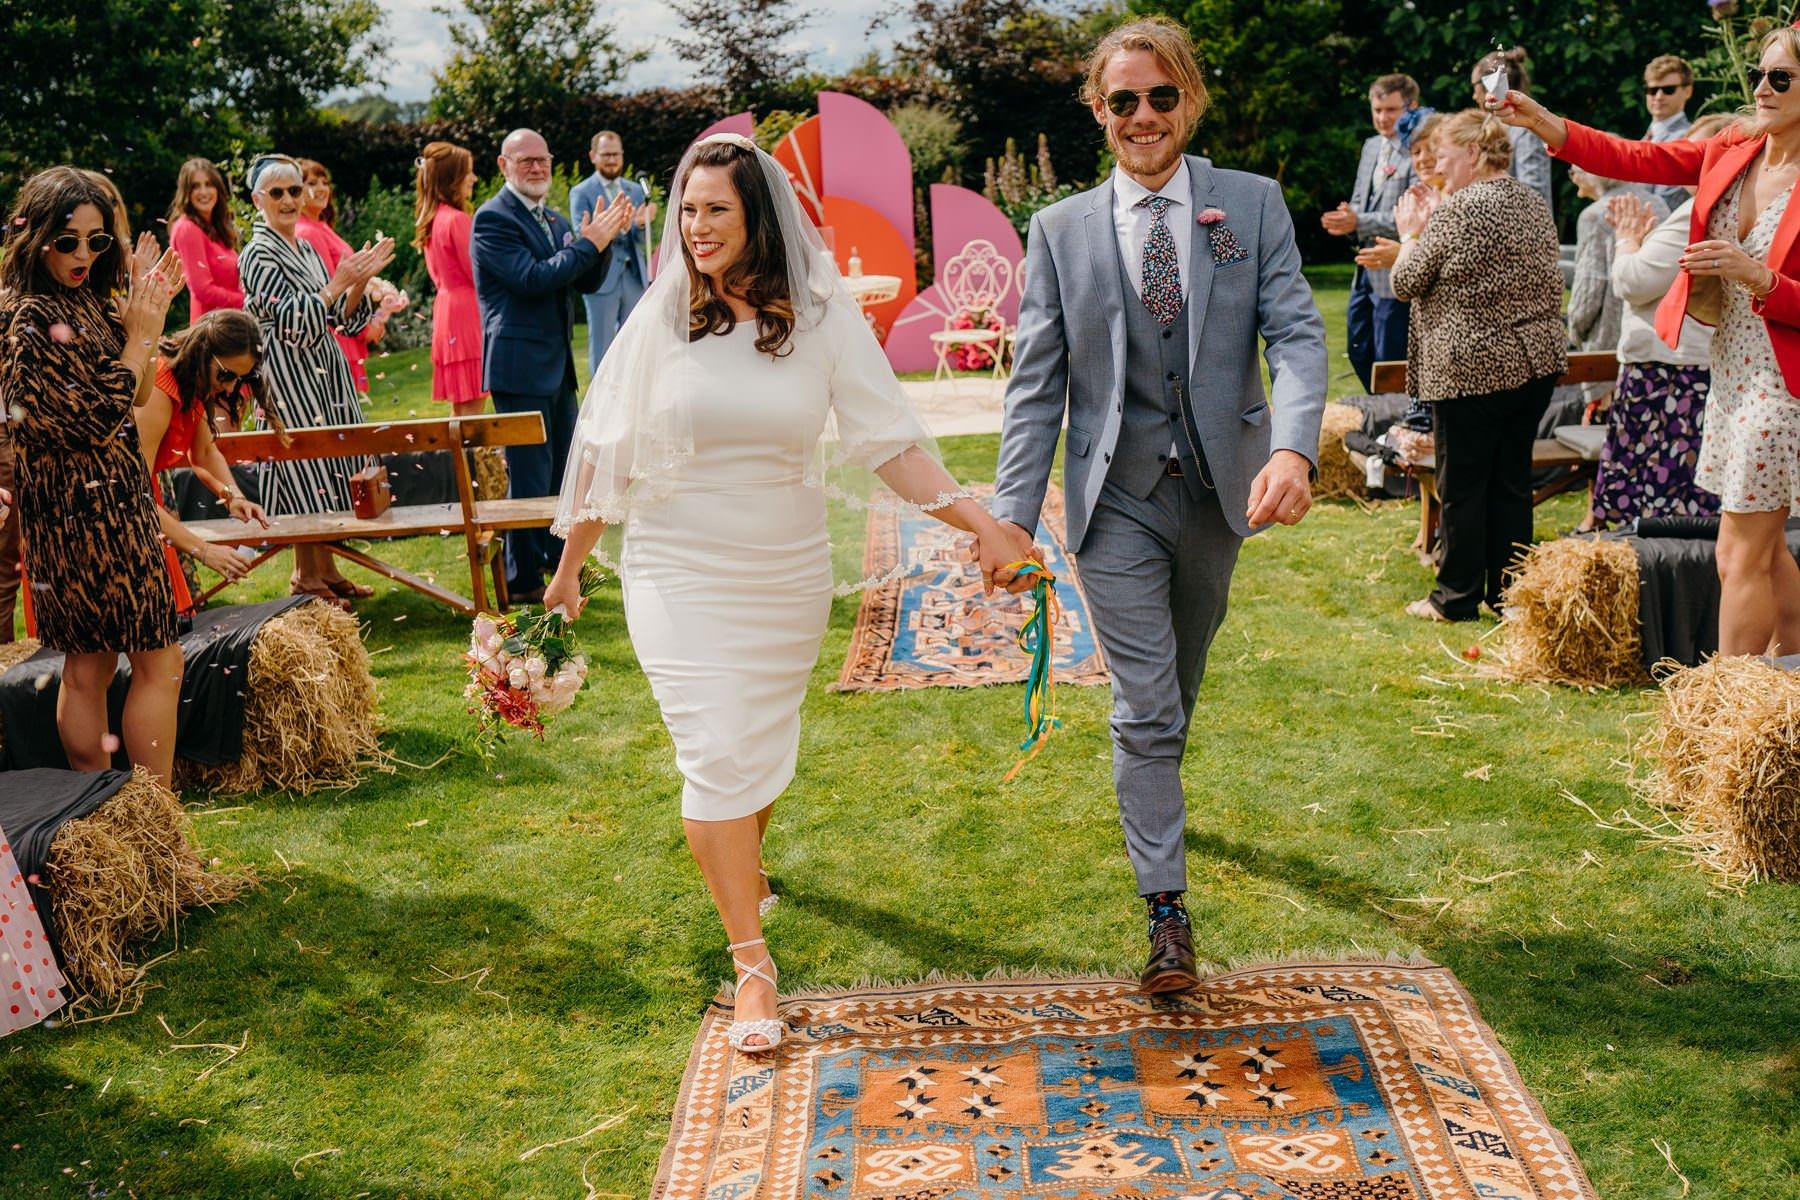 home-garden-wedding-ireland-outdoor-ceremony